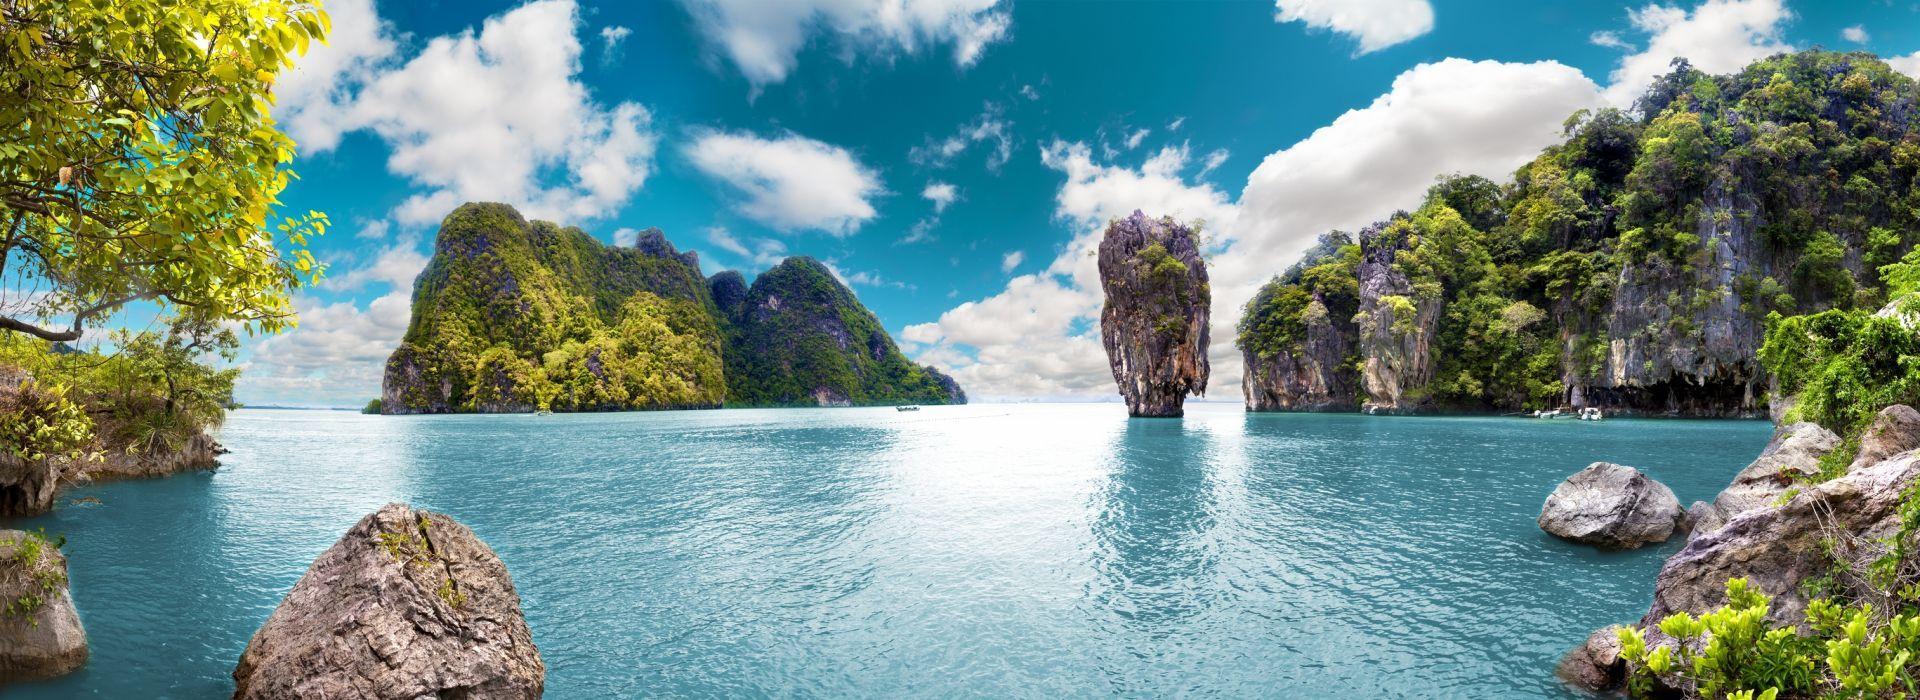 Natural landmarks sightseeing Tours in Phuket